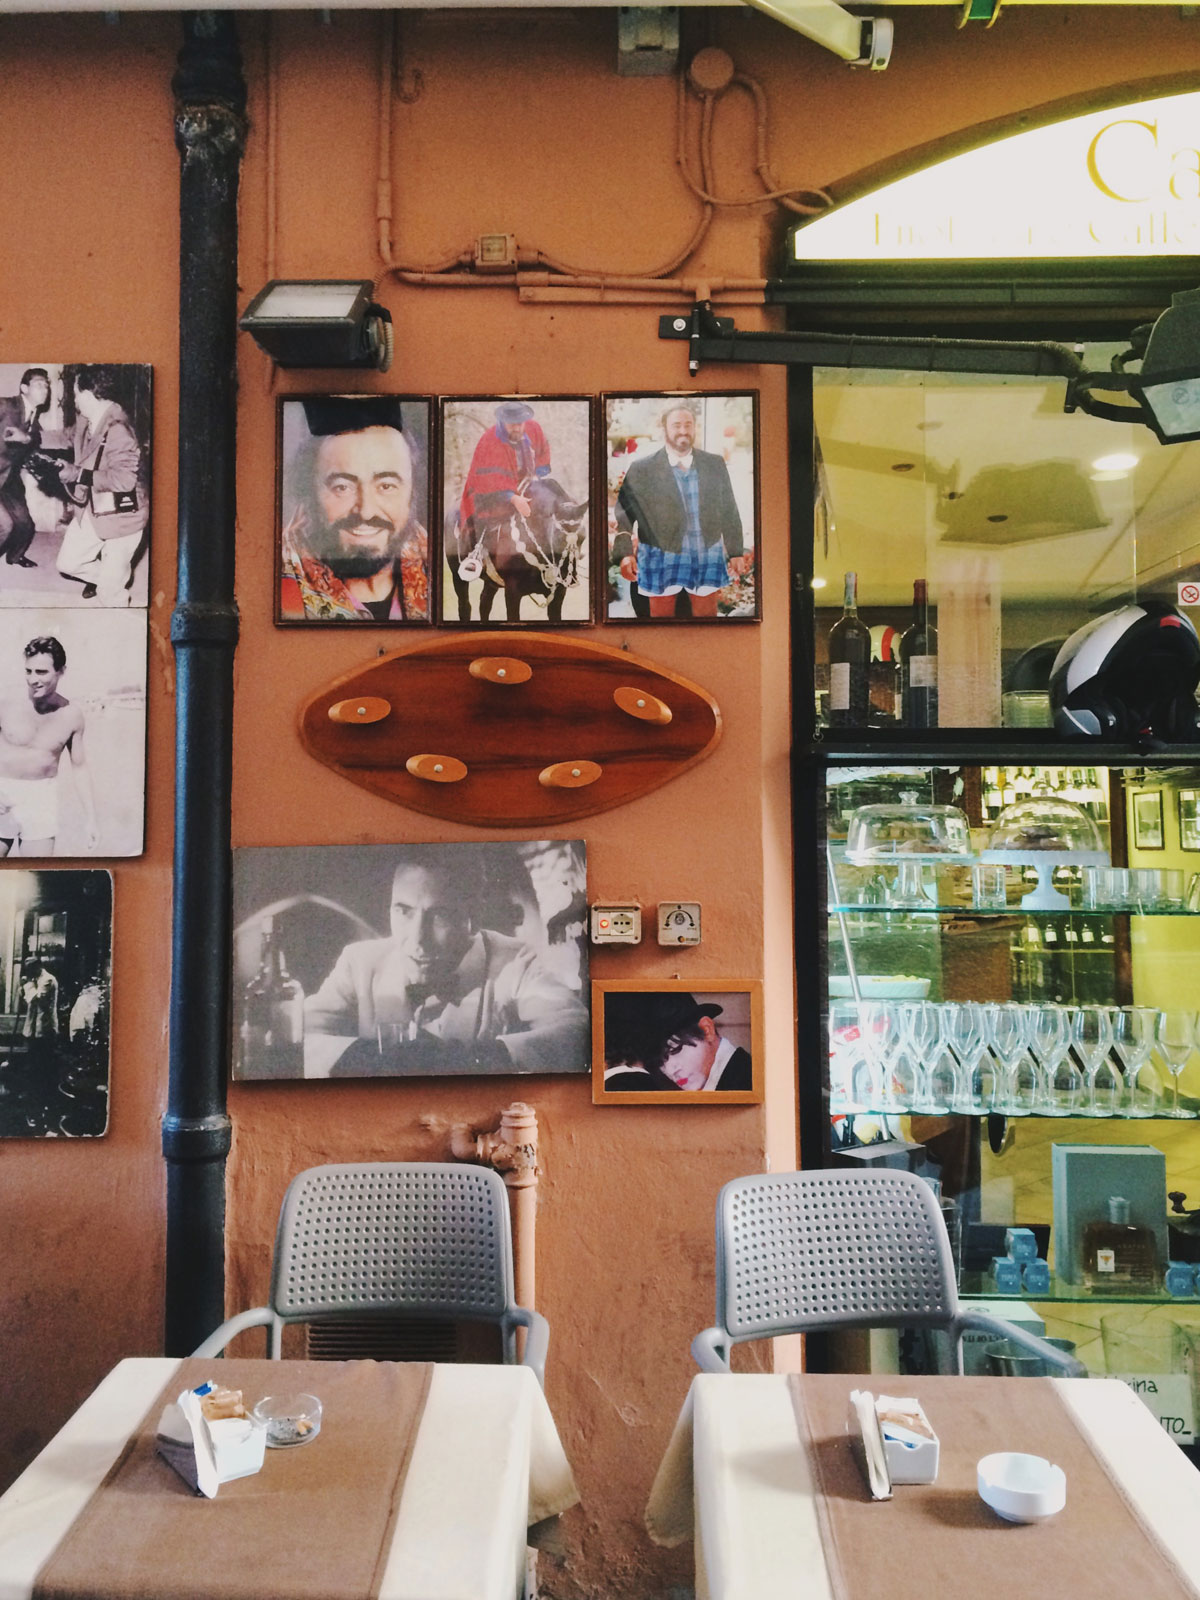 Café in Modena - Cappuccino Bar